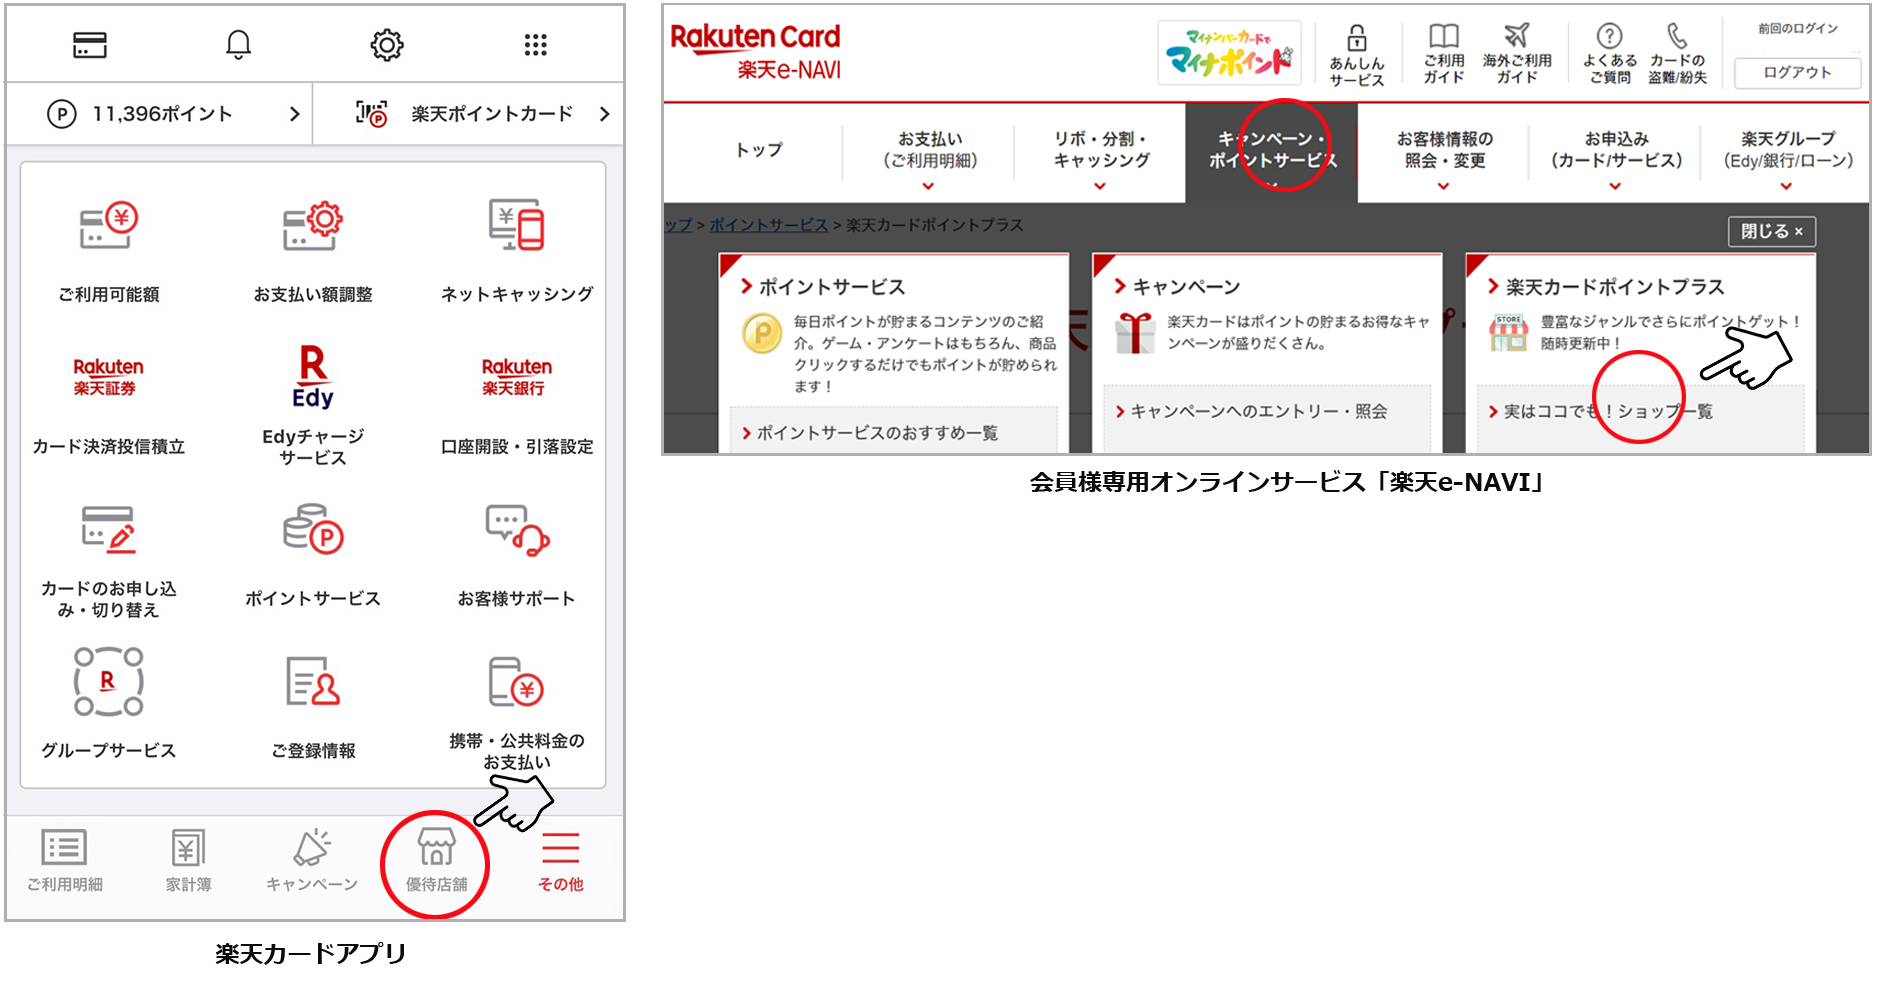 楽天カードアプリ内の「優待店舗」、会員様専用オンラインサービス「楽天e-NAVI」説明画像